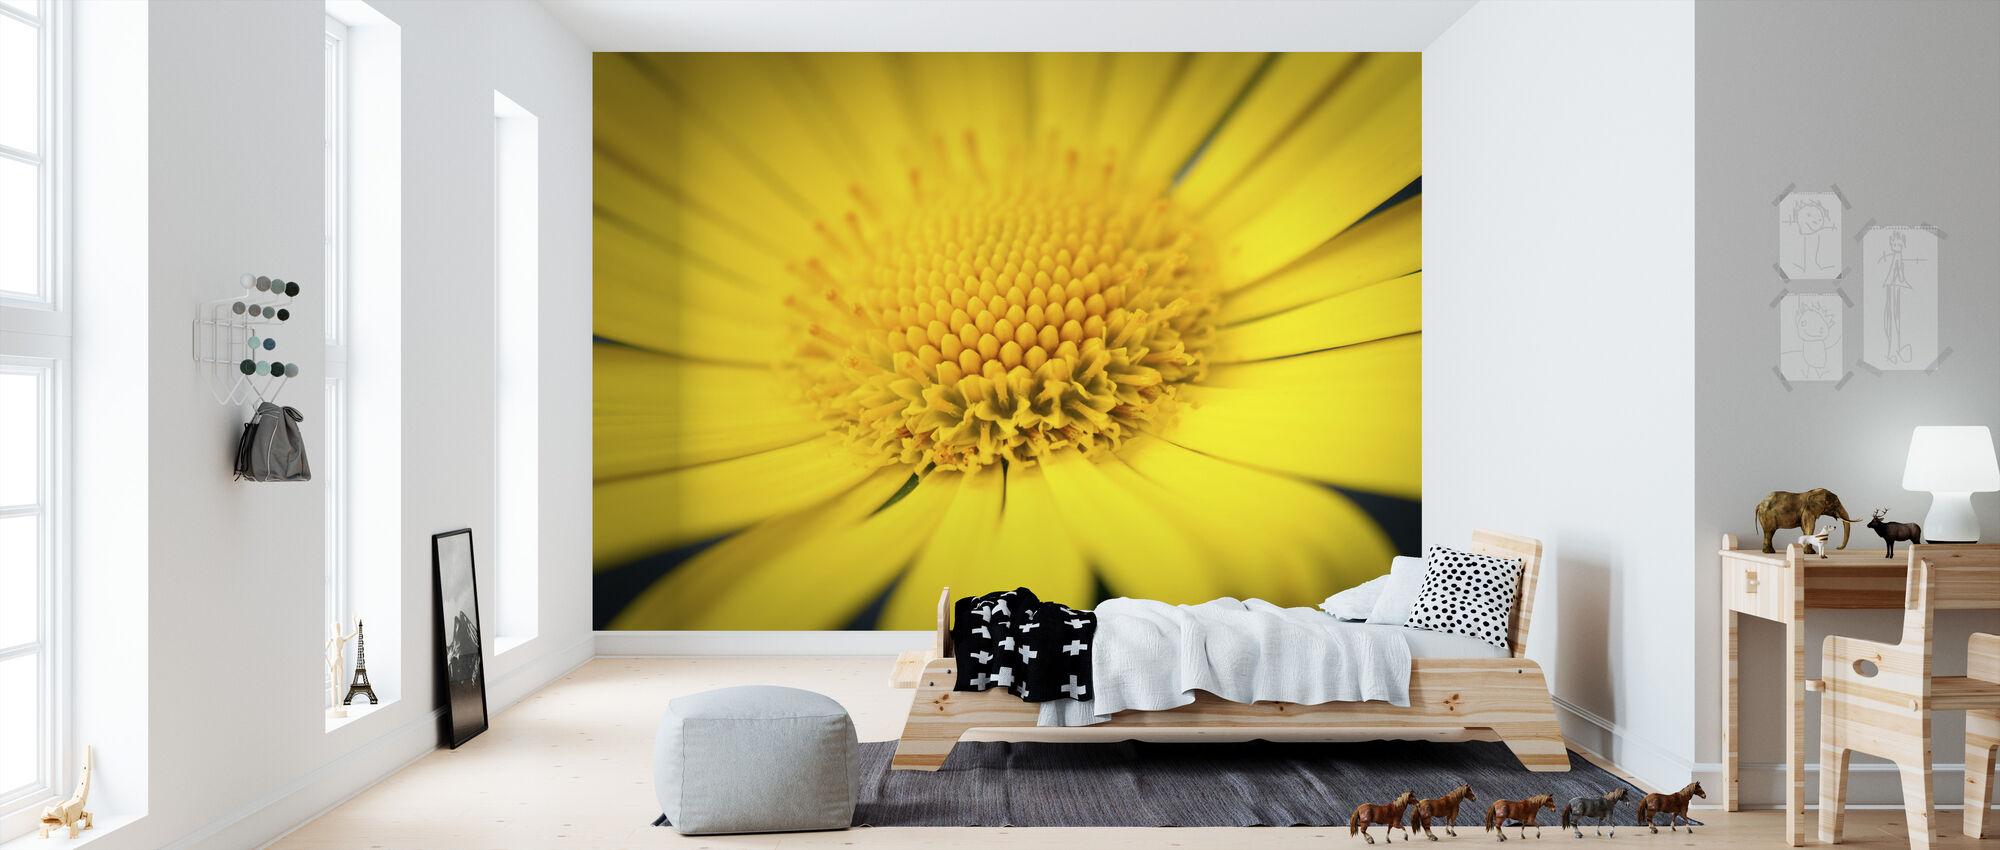 Tropical Garden - Wallpaper - Kids Room